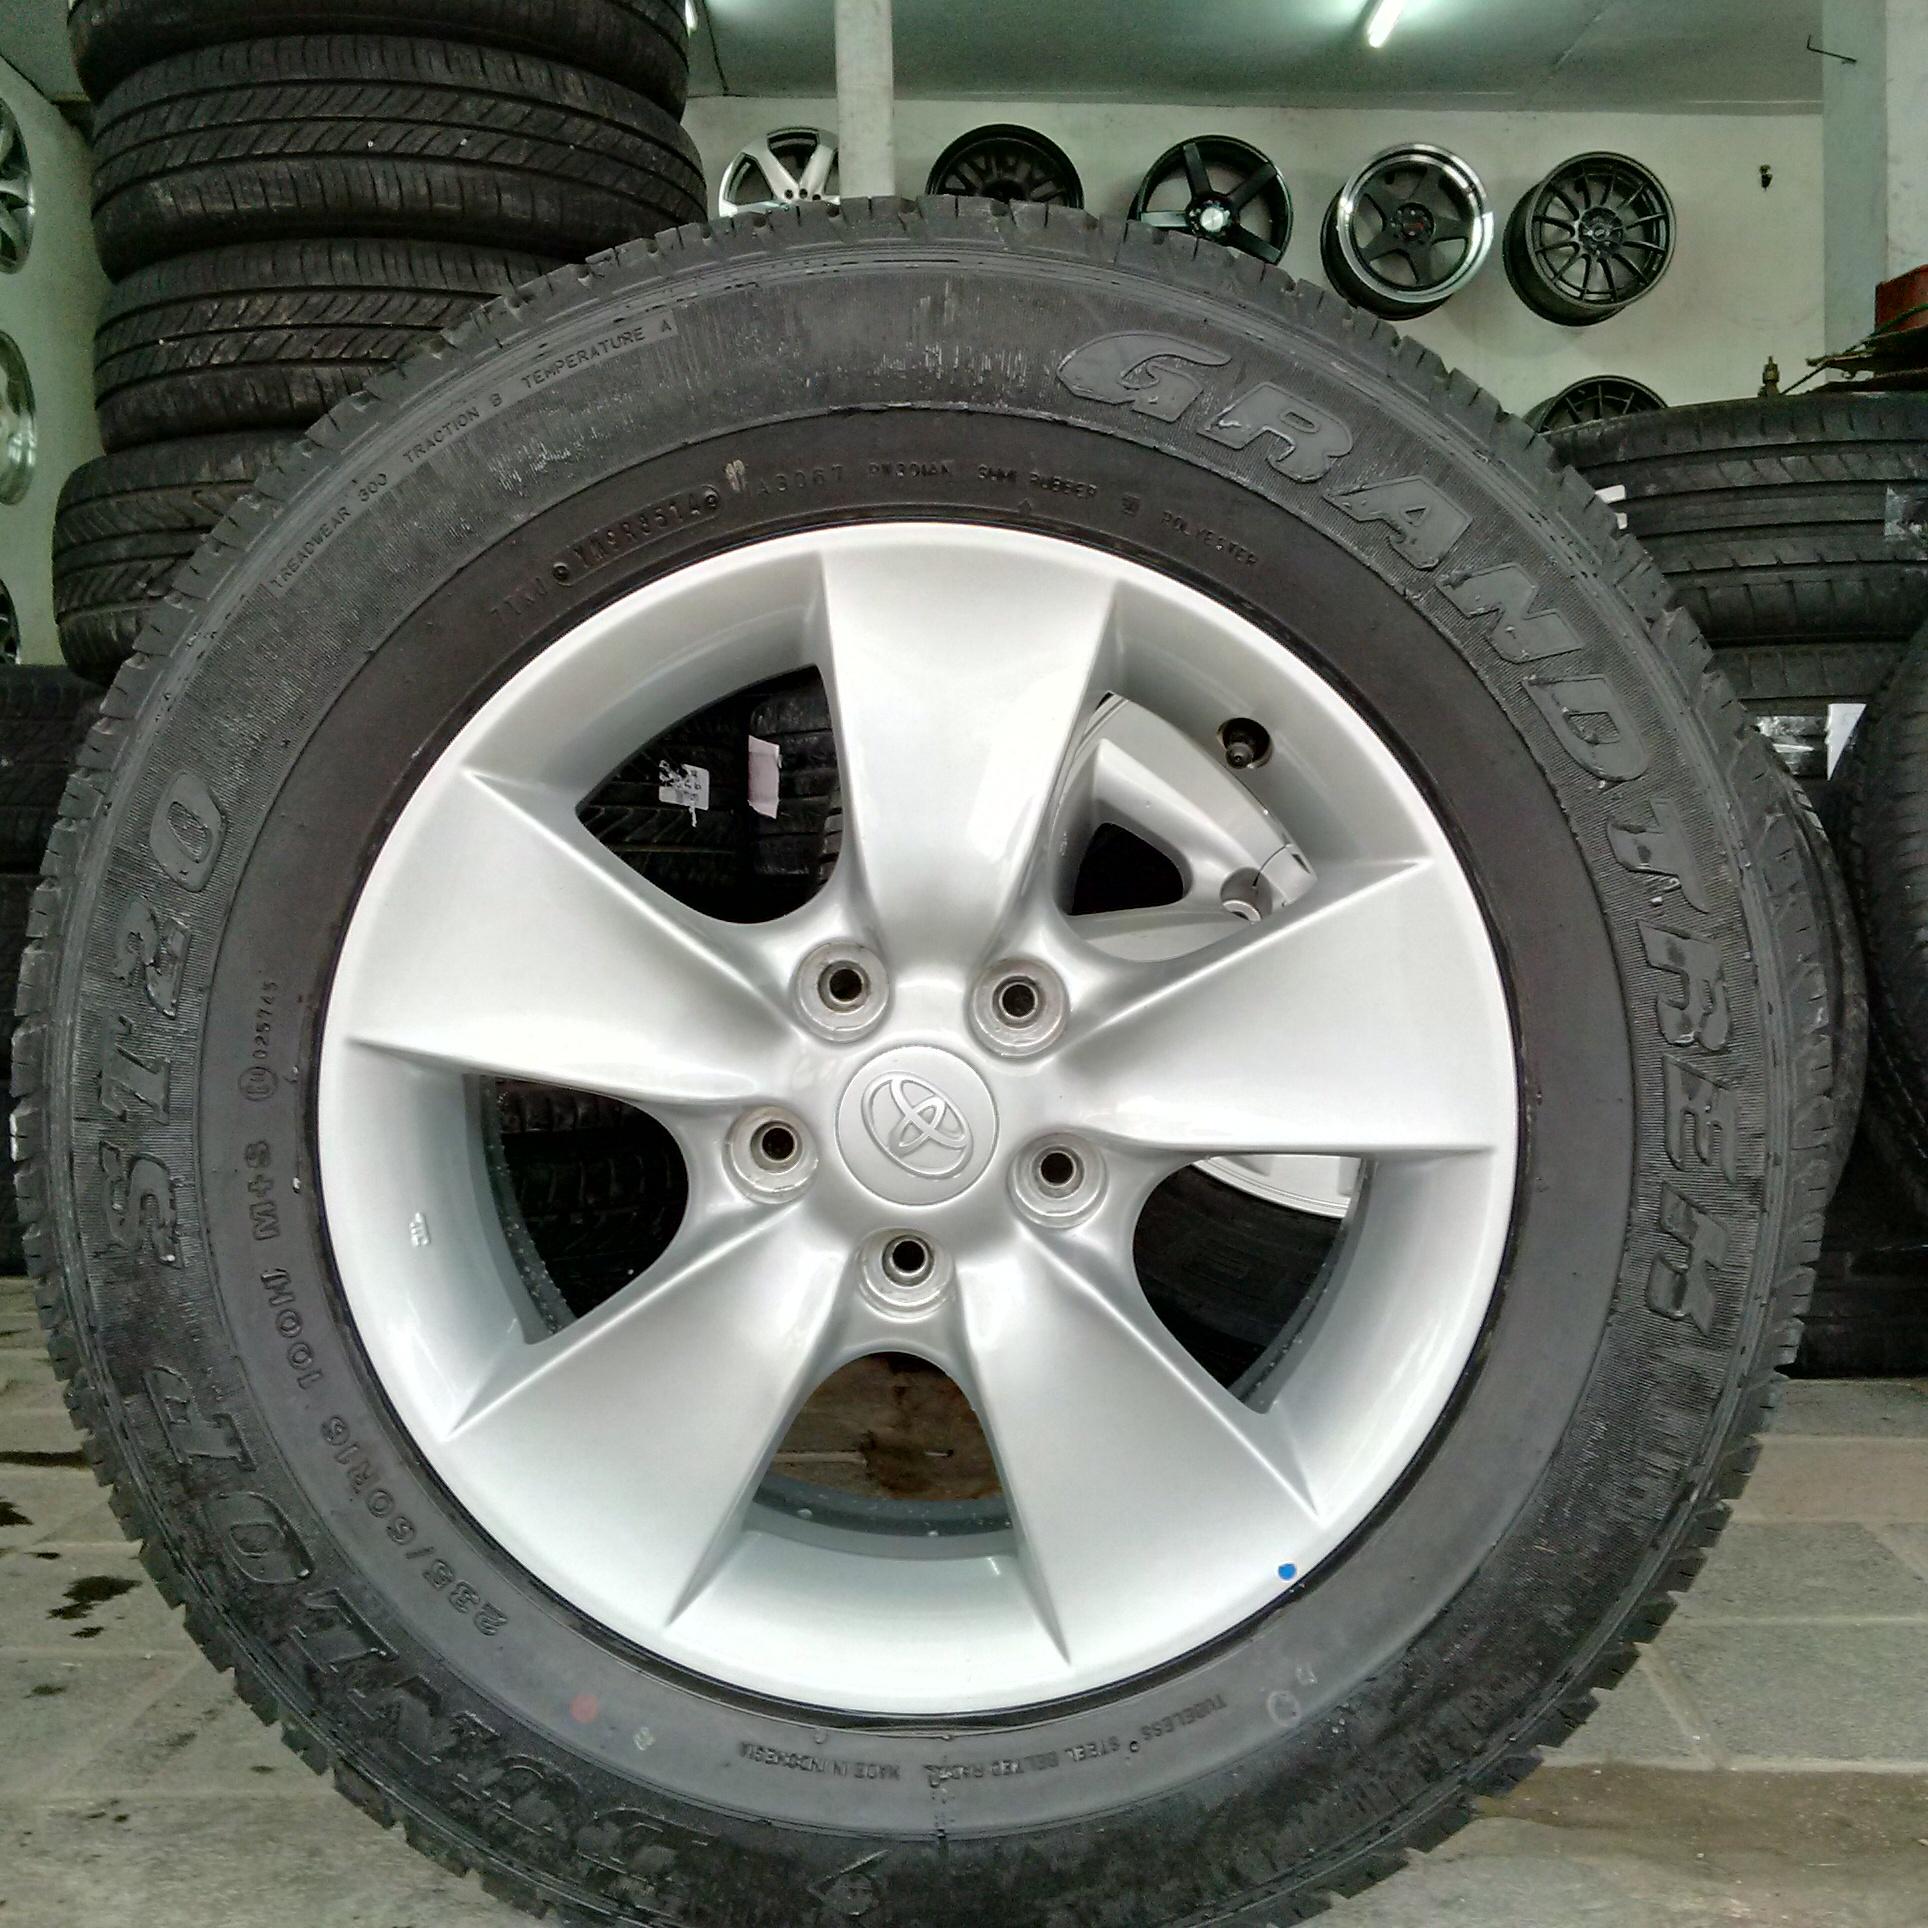 VELG STD Toyota RUSH + BAN R16 DUNLOP ... MONGGO